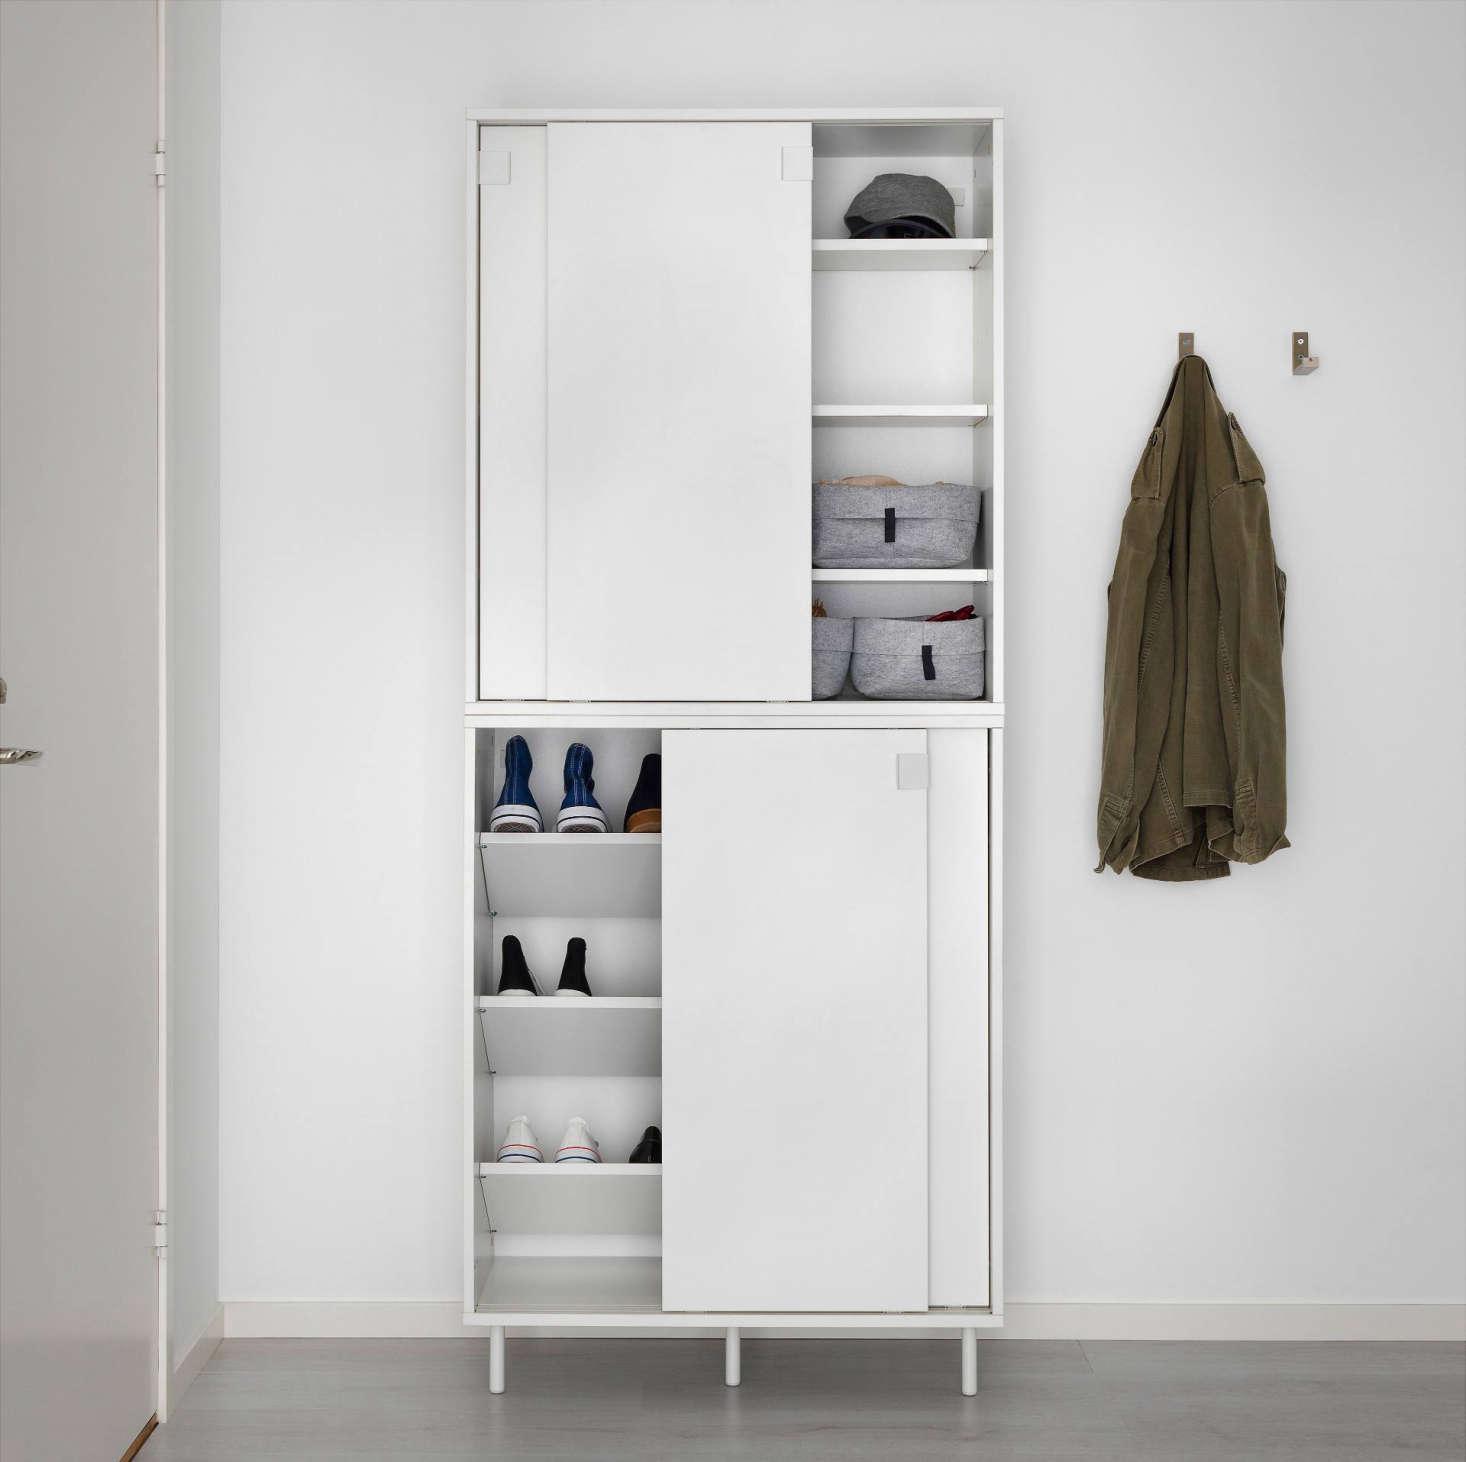 best high hanger furniture closet photographs resolution ideas ikea wallpaper shoes shoe